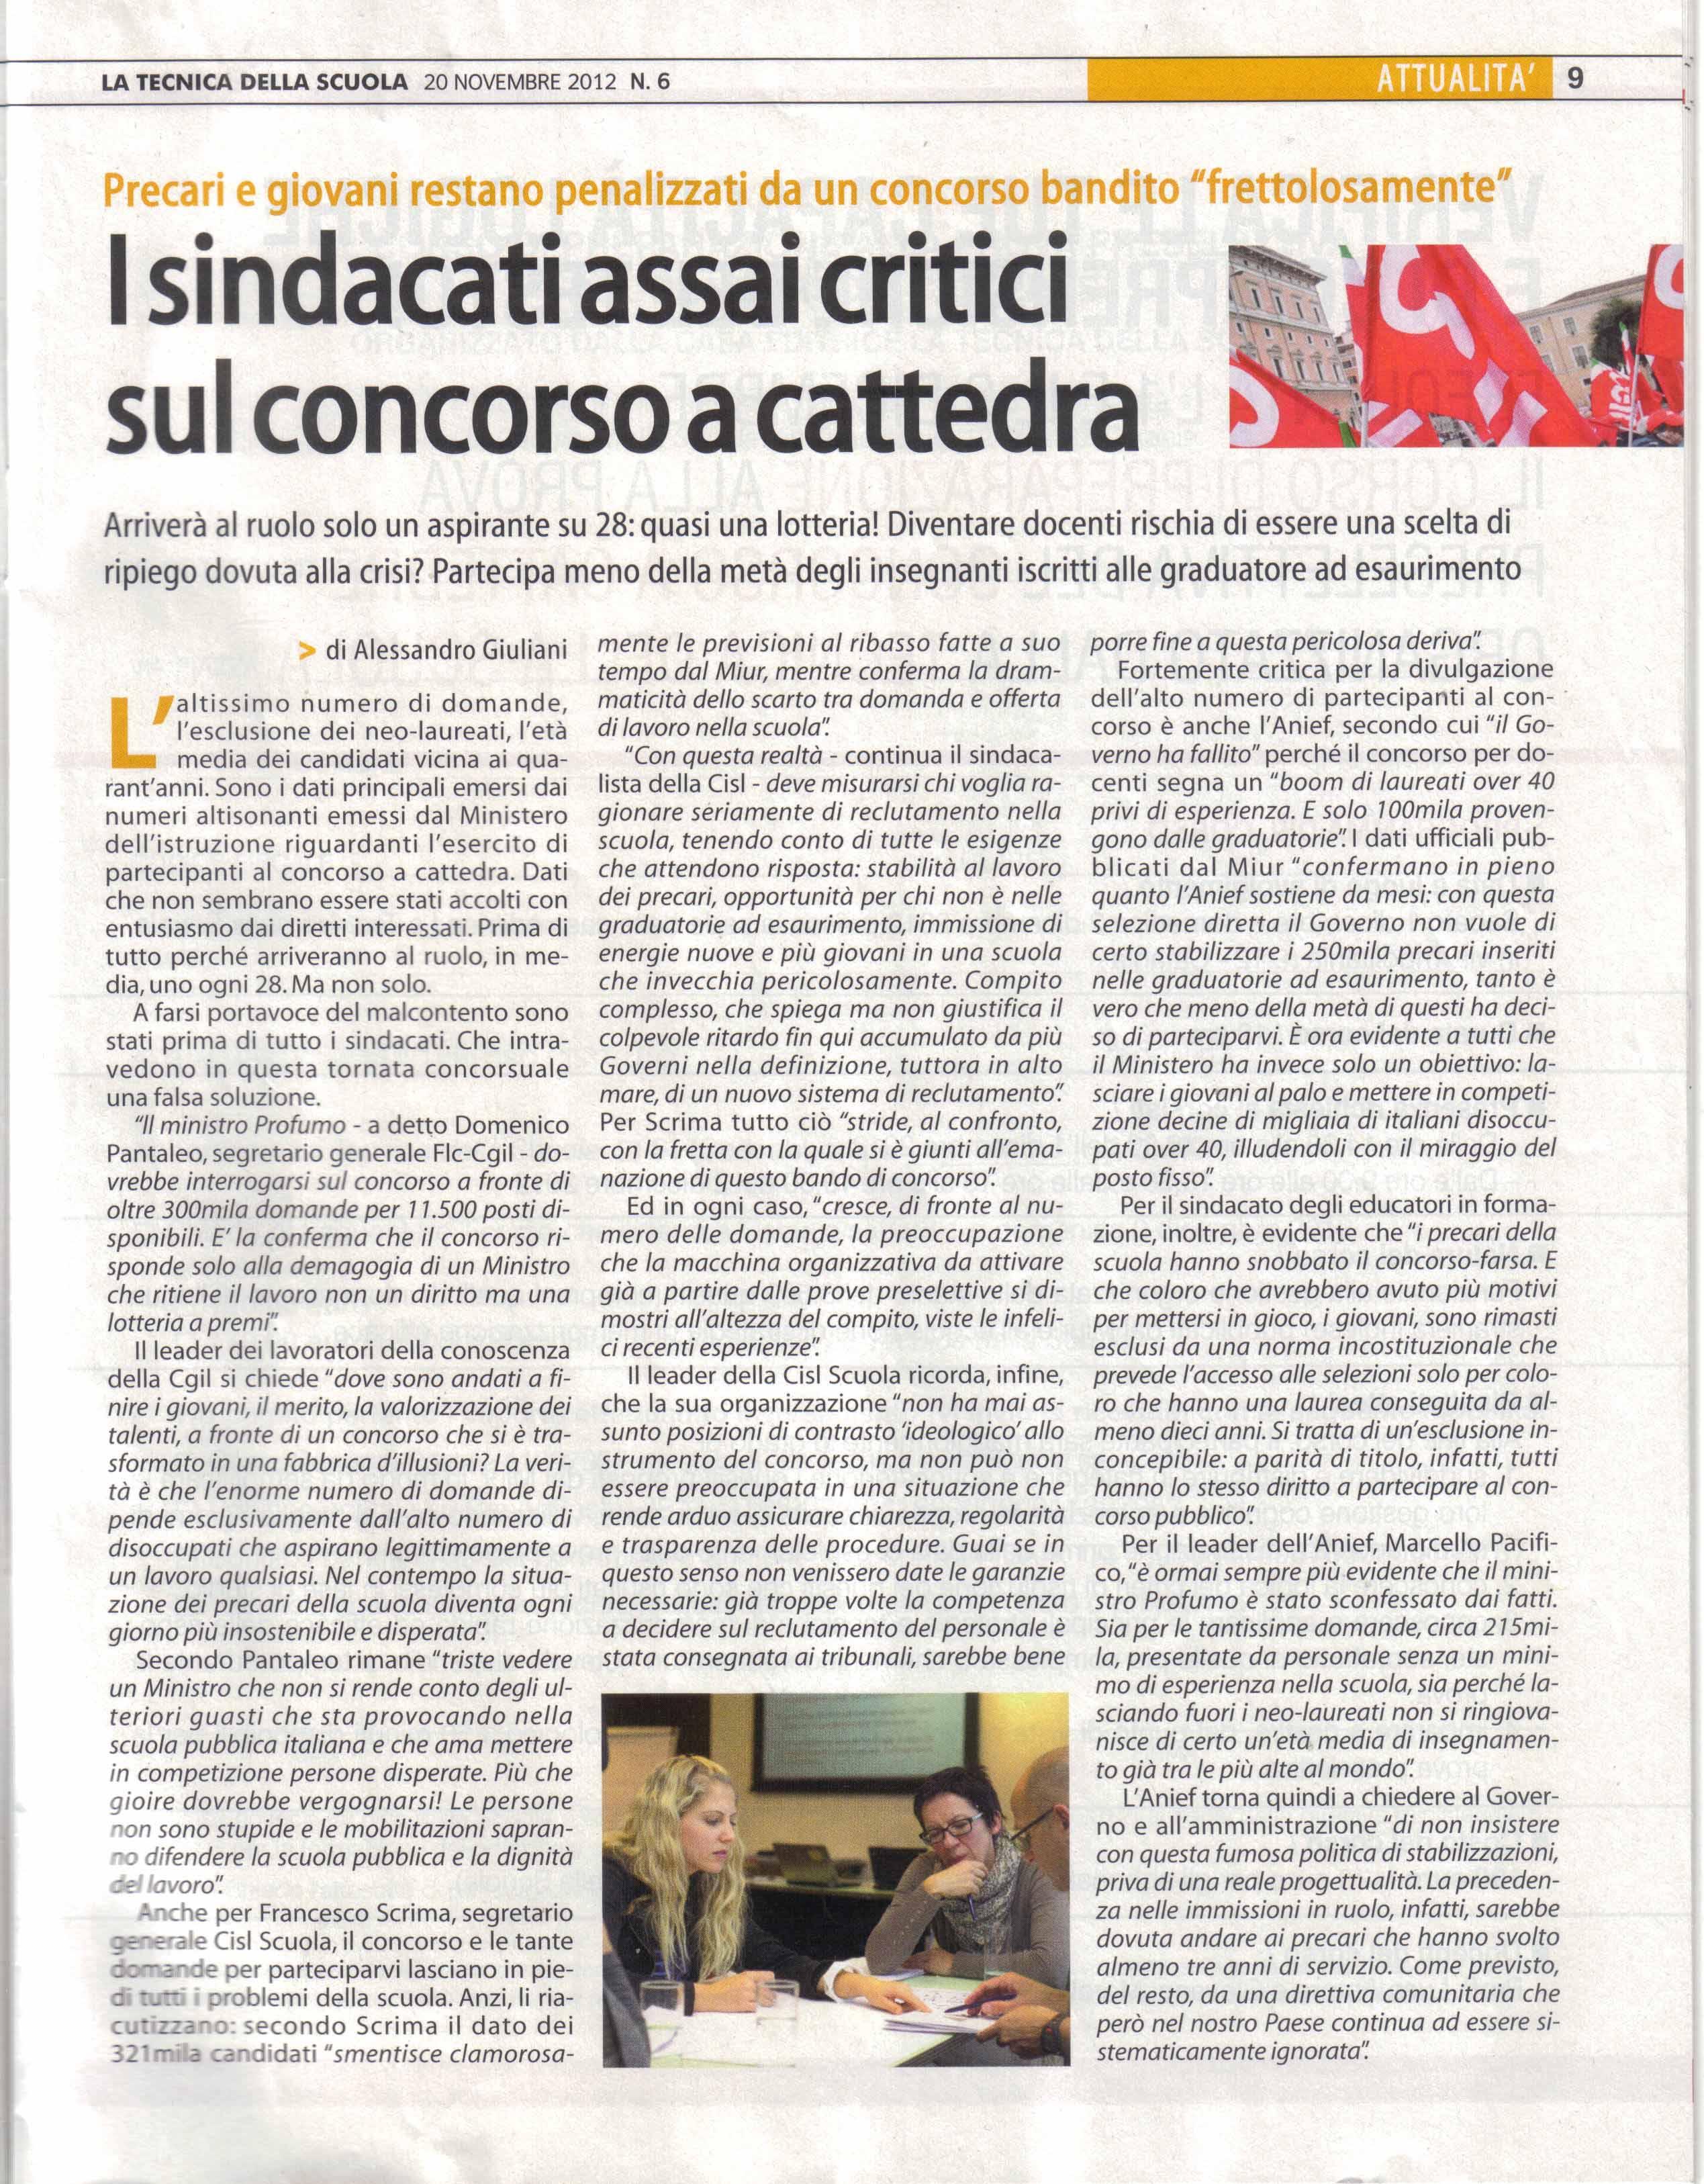 Tecnica della Scuola del 20 nov 2012 I sindacati critici su concorso a